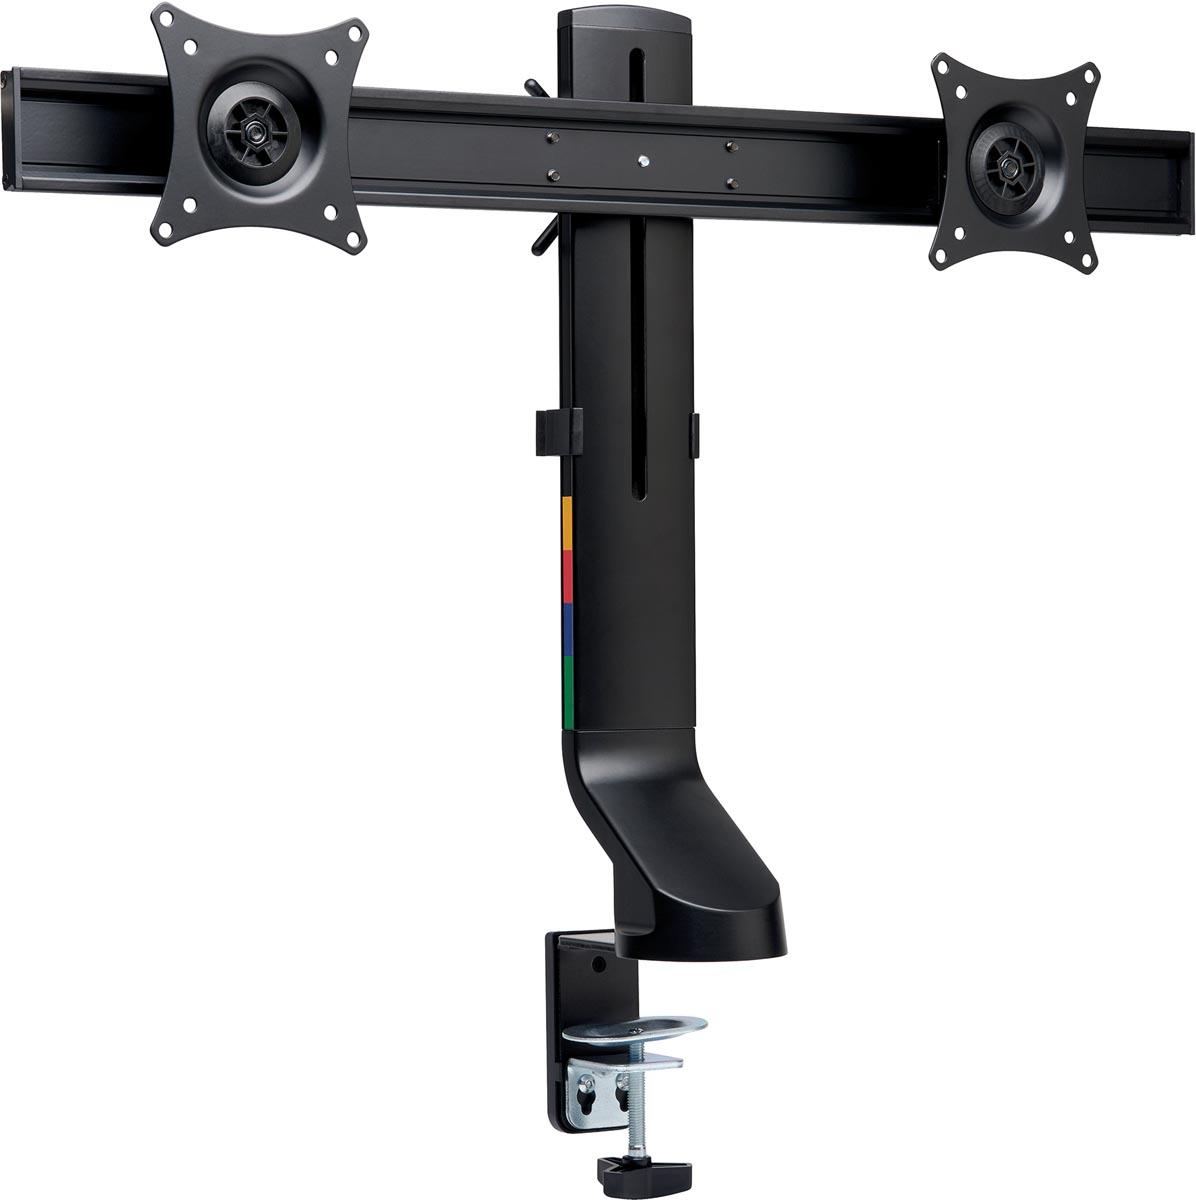 Kensington Smartfit compacte monitorarm, met uitschuifbare arm, dubbel